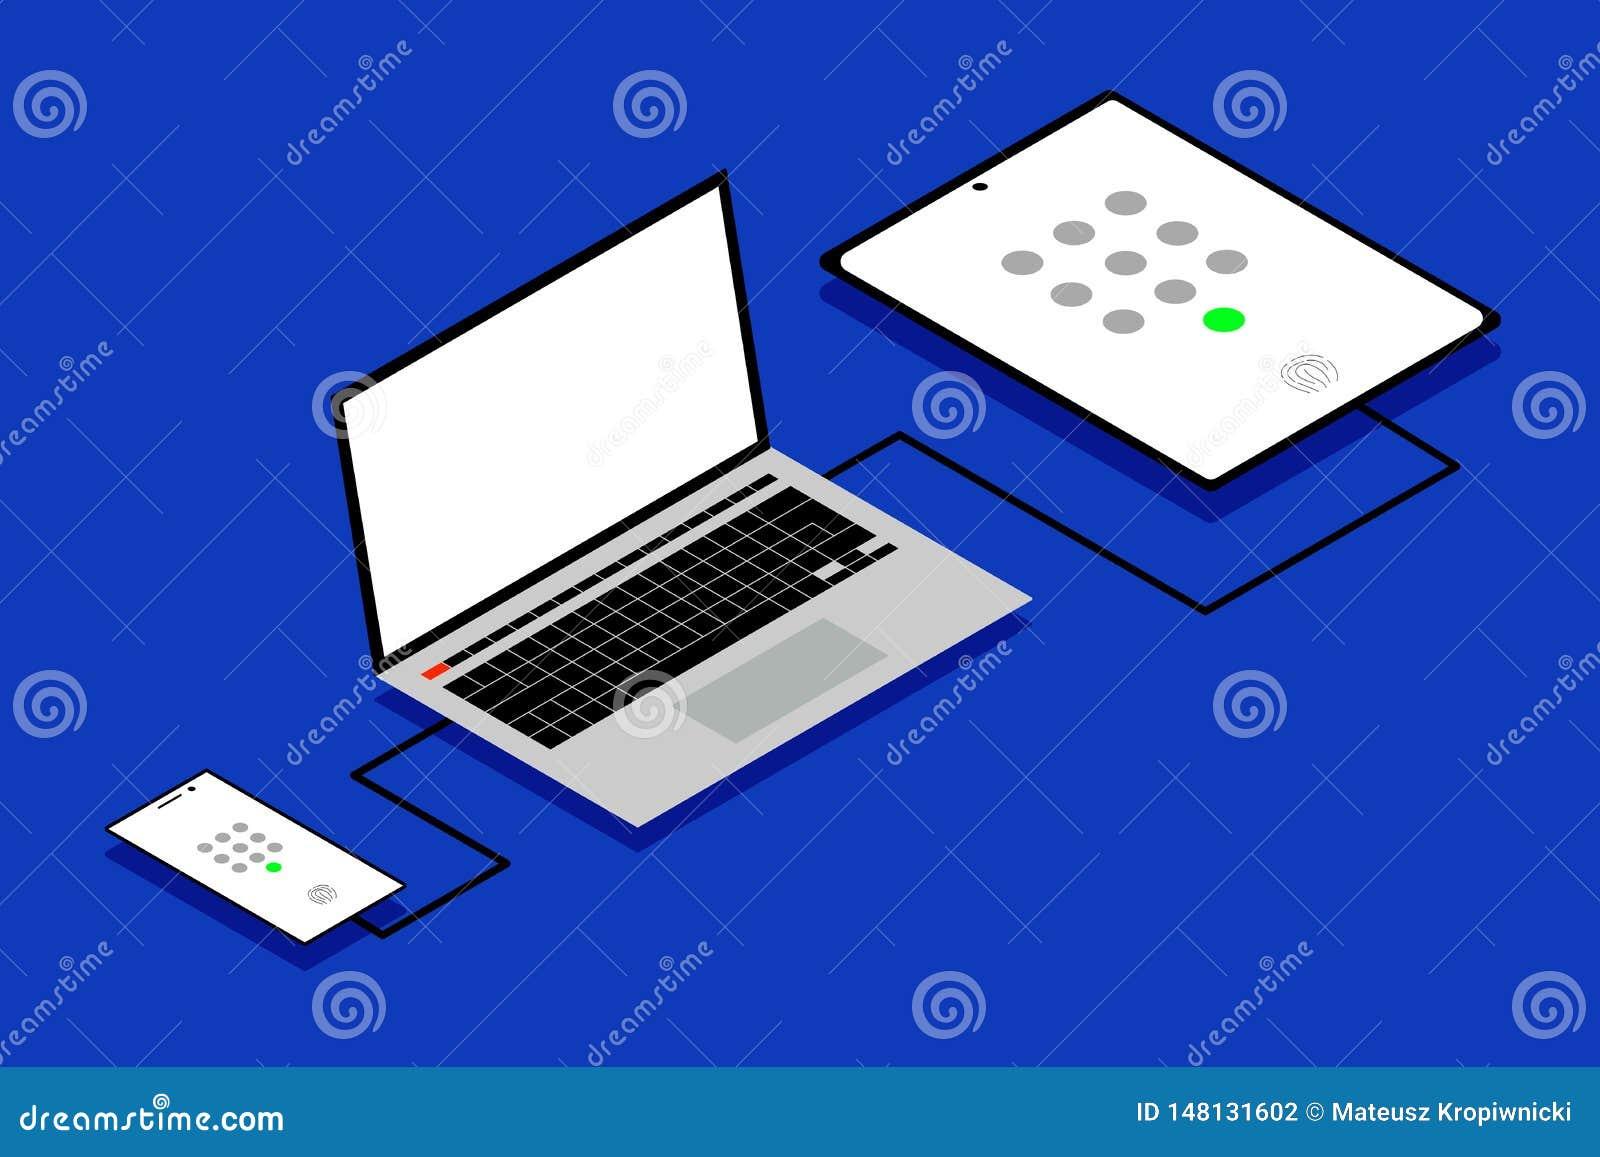 Концепция простого рабочего места ИТ с кодом доступа и биометрическими значками удостоверения подлинности